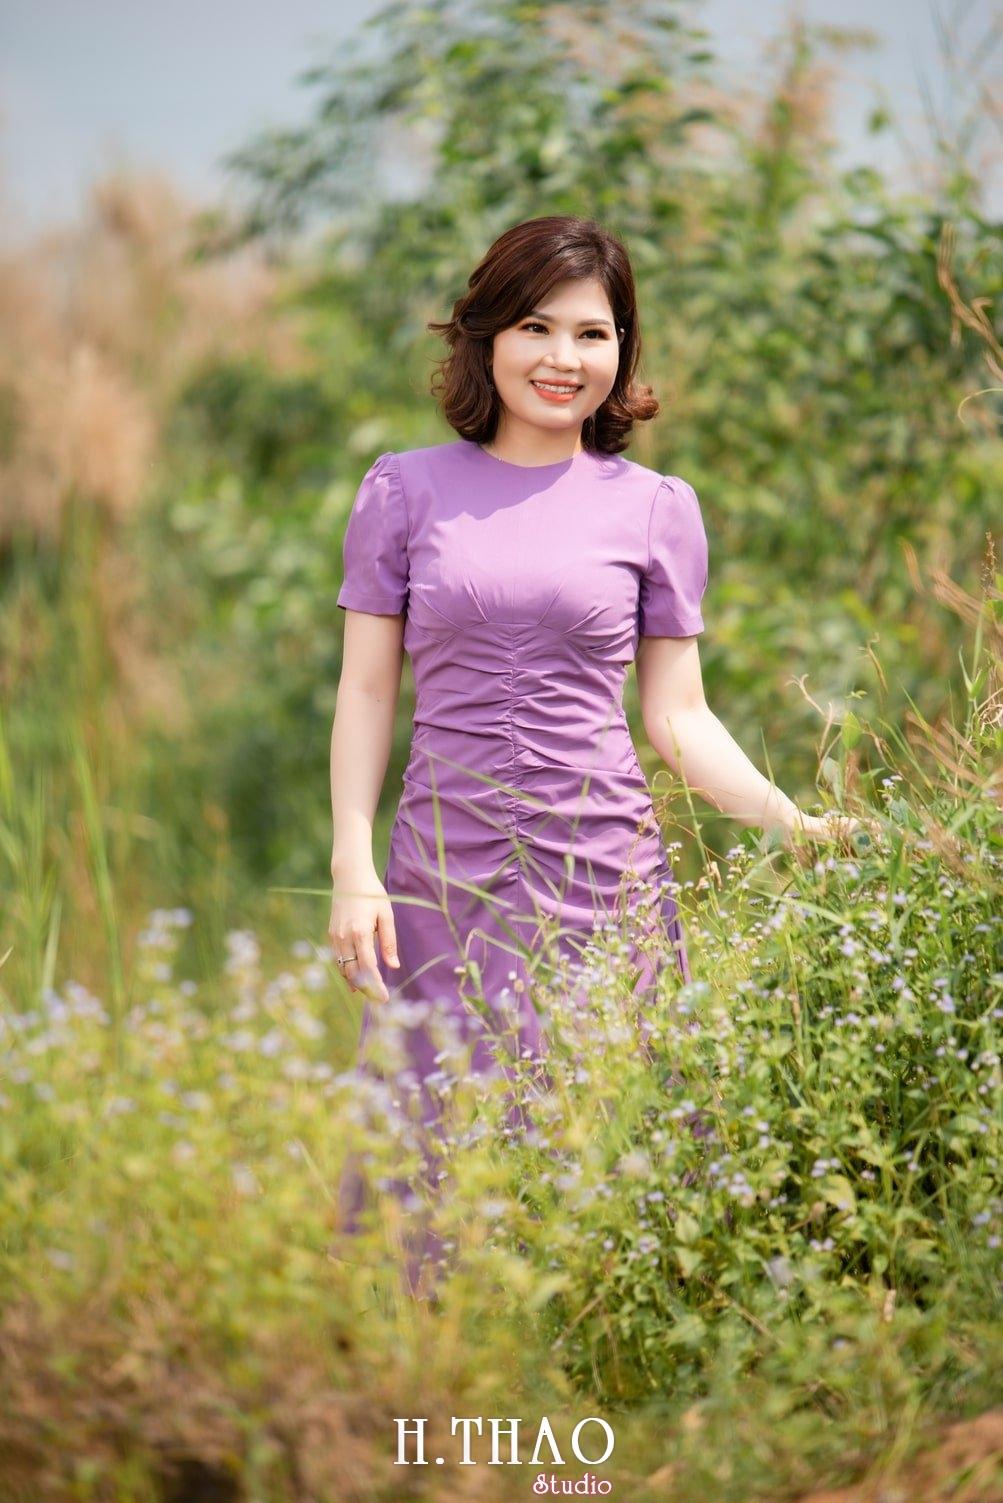 Canh Dong Co Lau 14 - Chụp ảnh với cánh đồng cỏ lau quận 9 tuyệt đẹp - HThao Studio